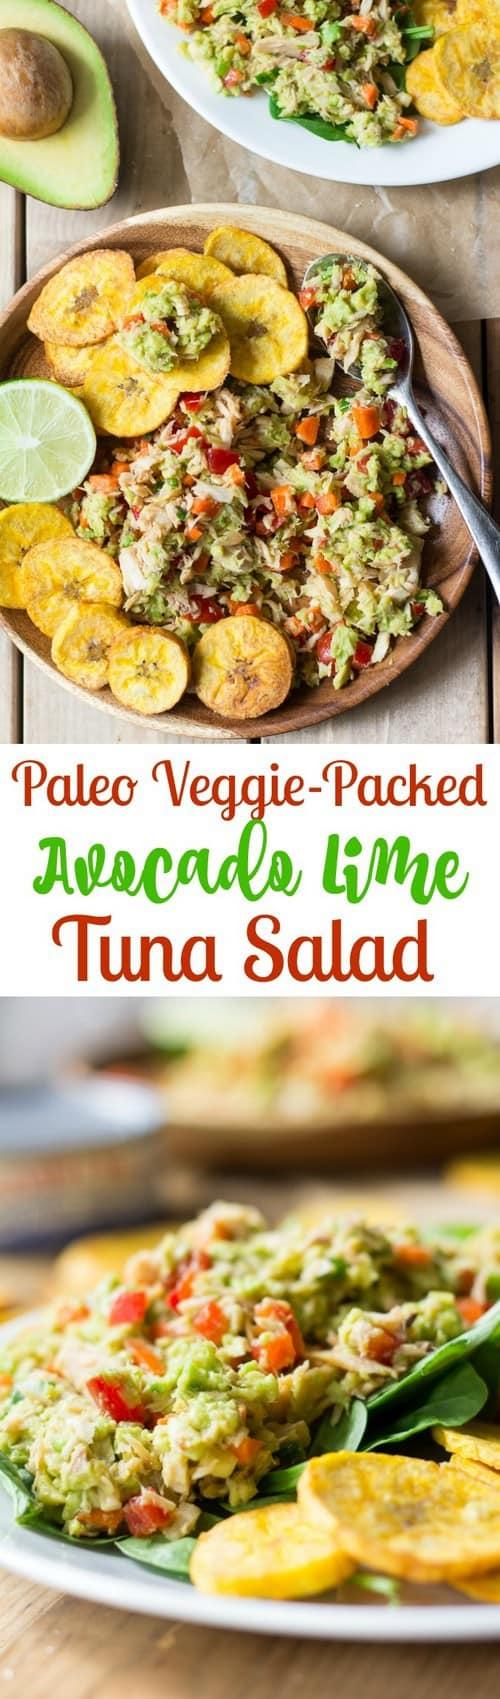 paleo-avocado-lime-tuna-salad